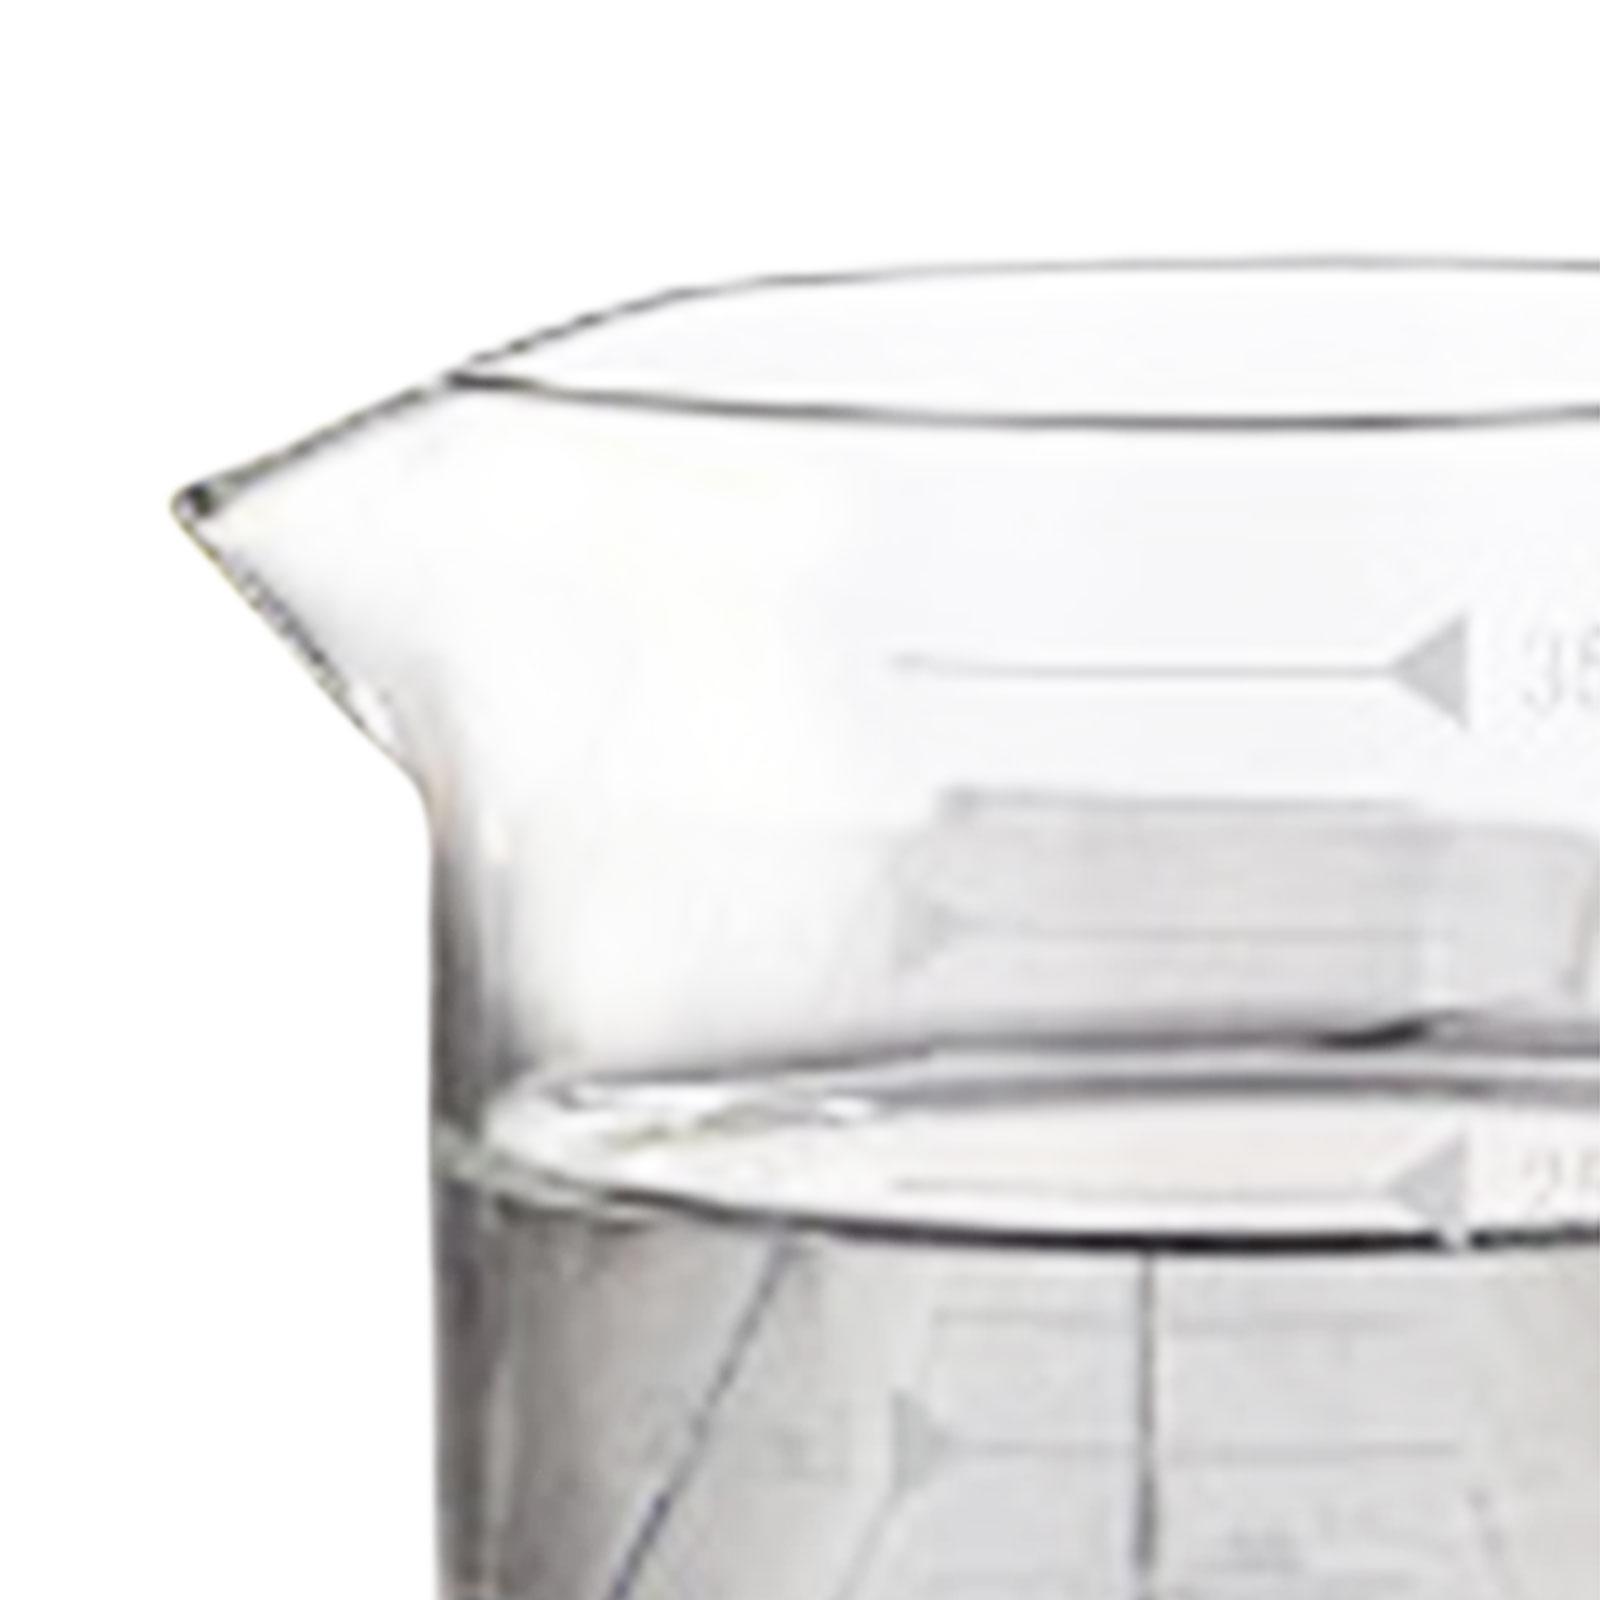 Misurino-in-vetro-borosilicato-con-intervalli-di-250-500ML-Accessori-da-cucina miniatura 21